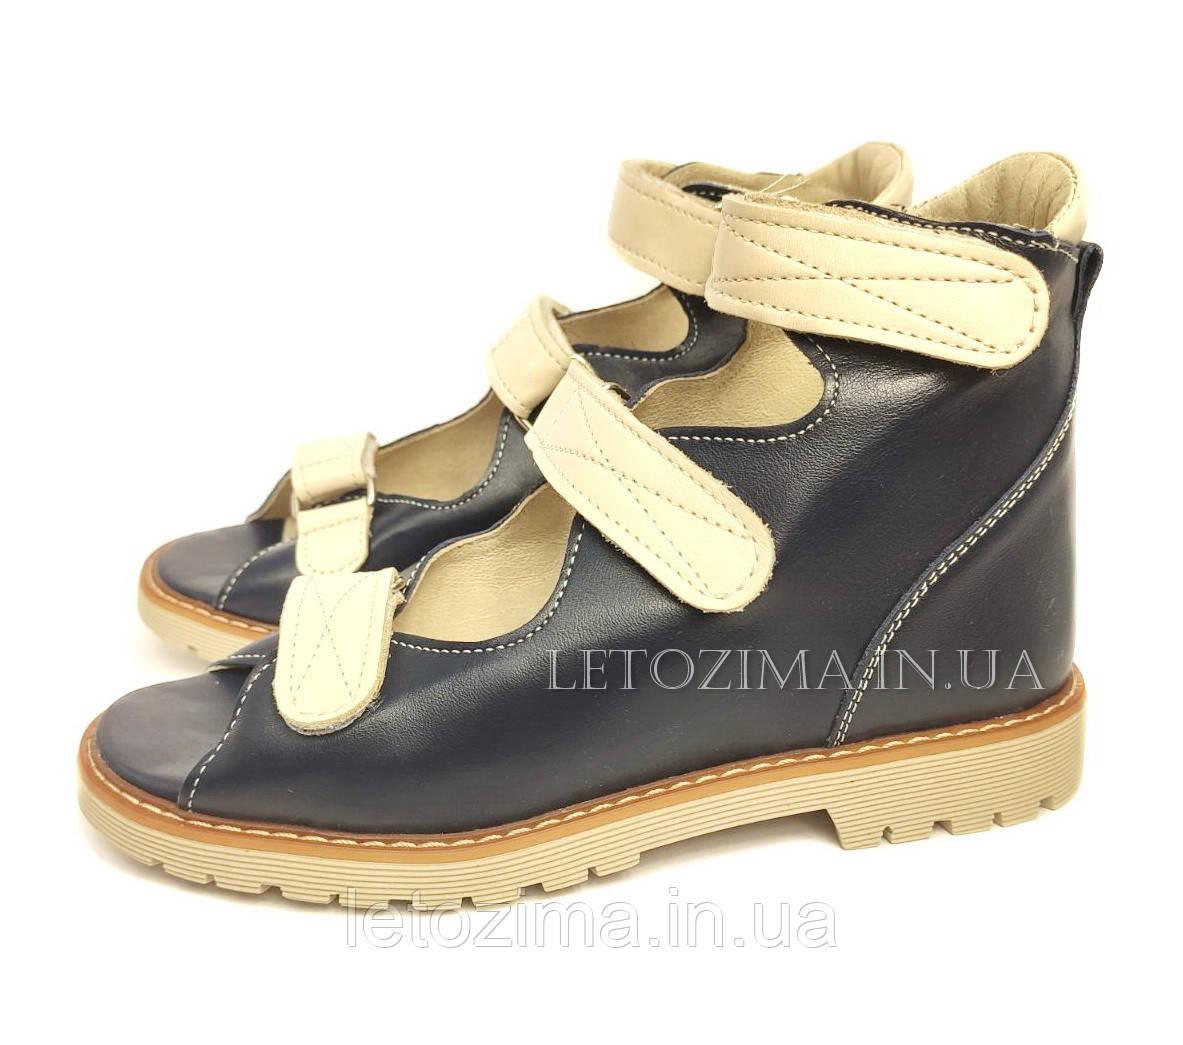 Ортопедическая обувь для детей и подростков р. 31-36